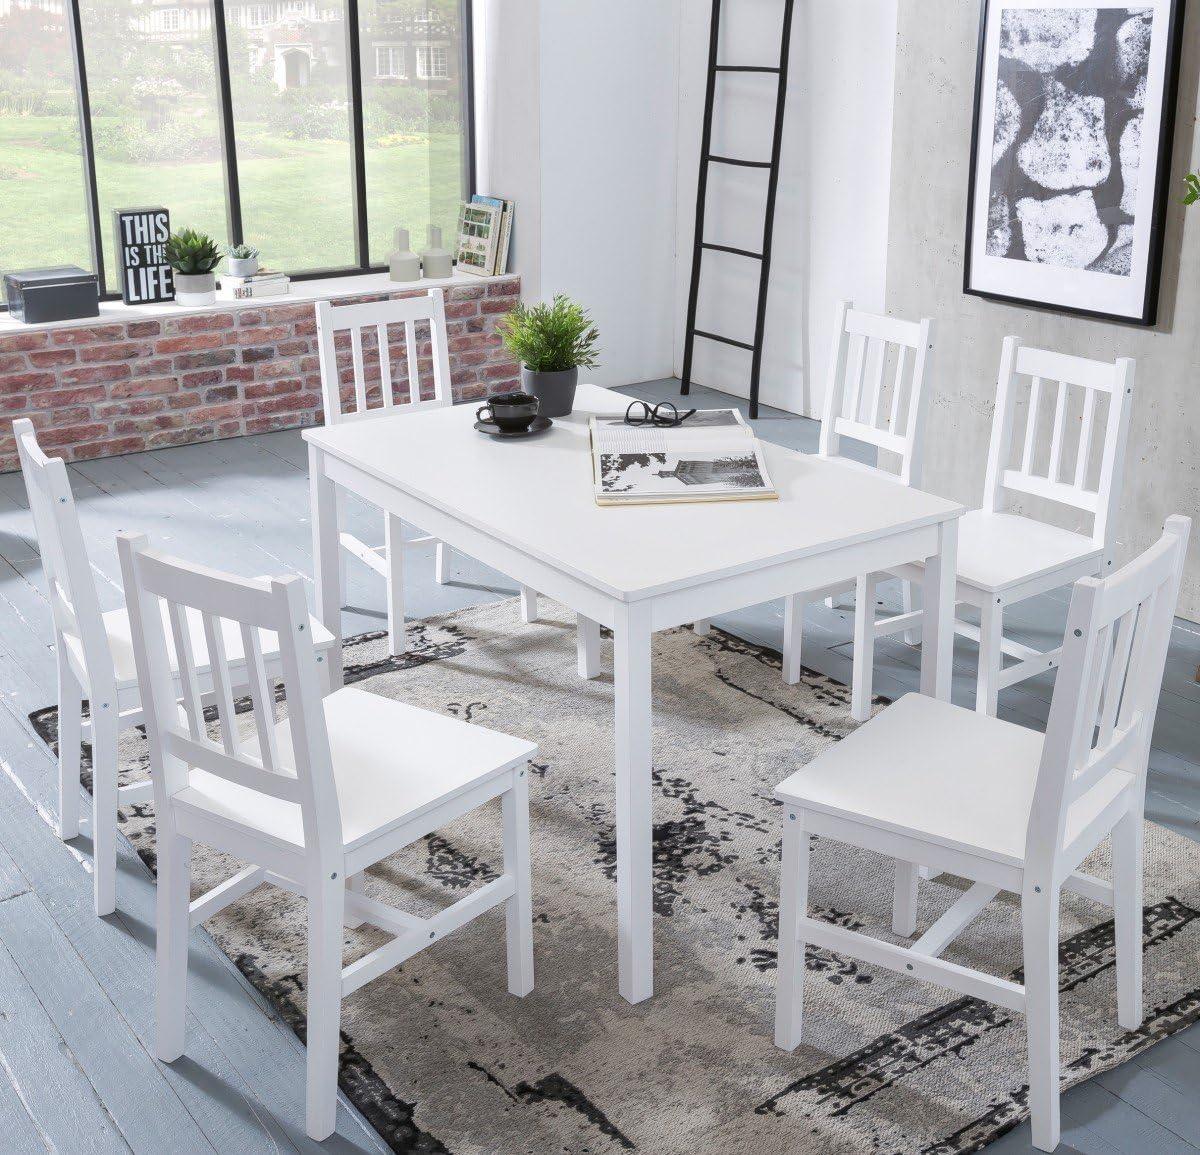 juego de comedor EMIL 7 piezas de madera de pino 120x73x70cm estilo rústico blanco | Naturaleza mesa de comedor de 6 sillas 1 mesa | grupo de la tabla Esstischset 6 personas |